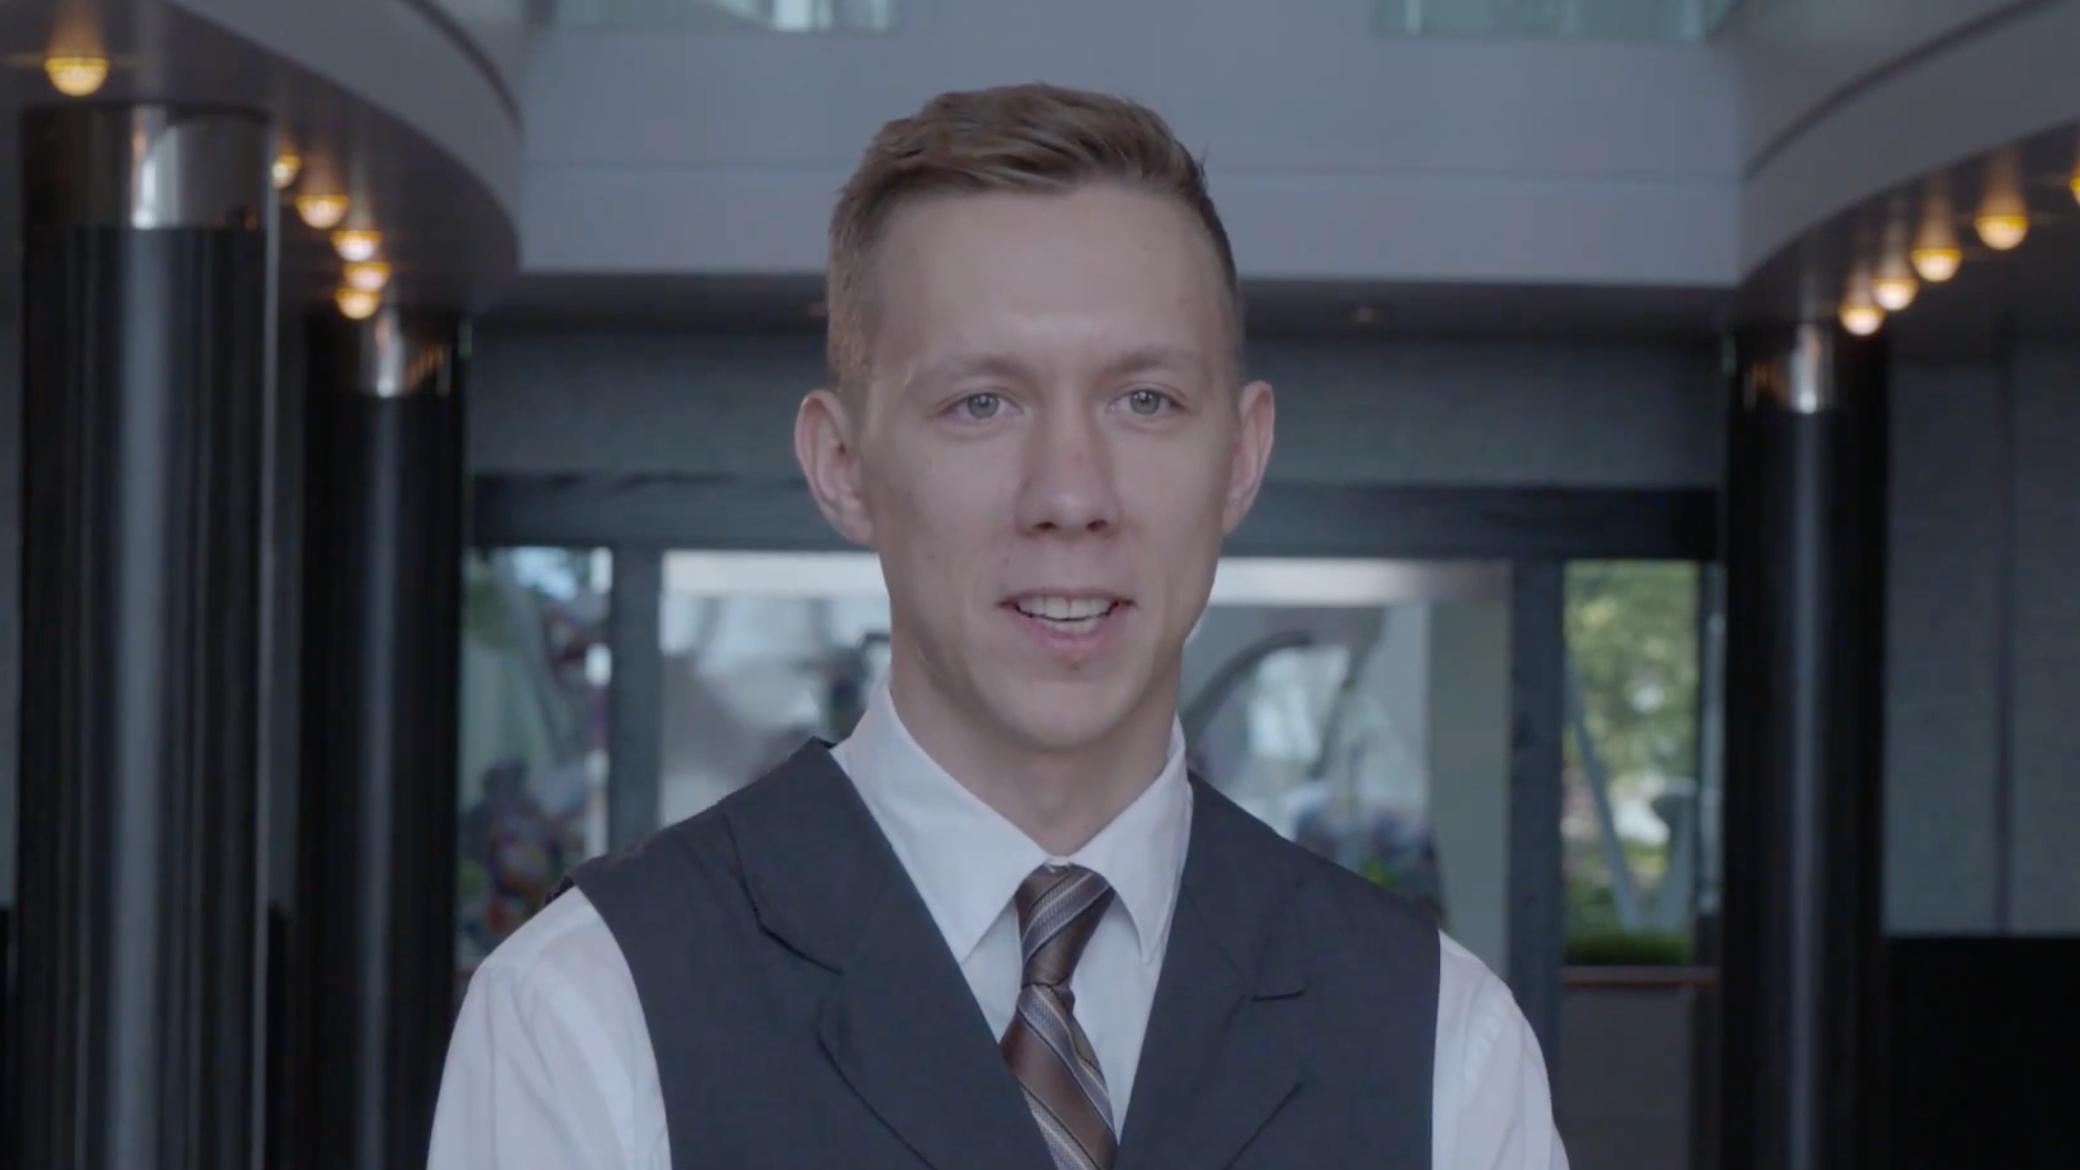 Yury, Waiter - Russia